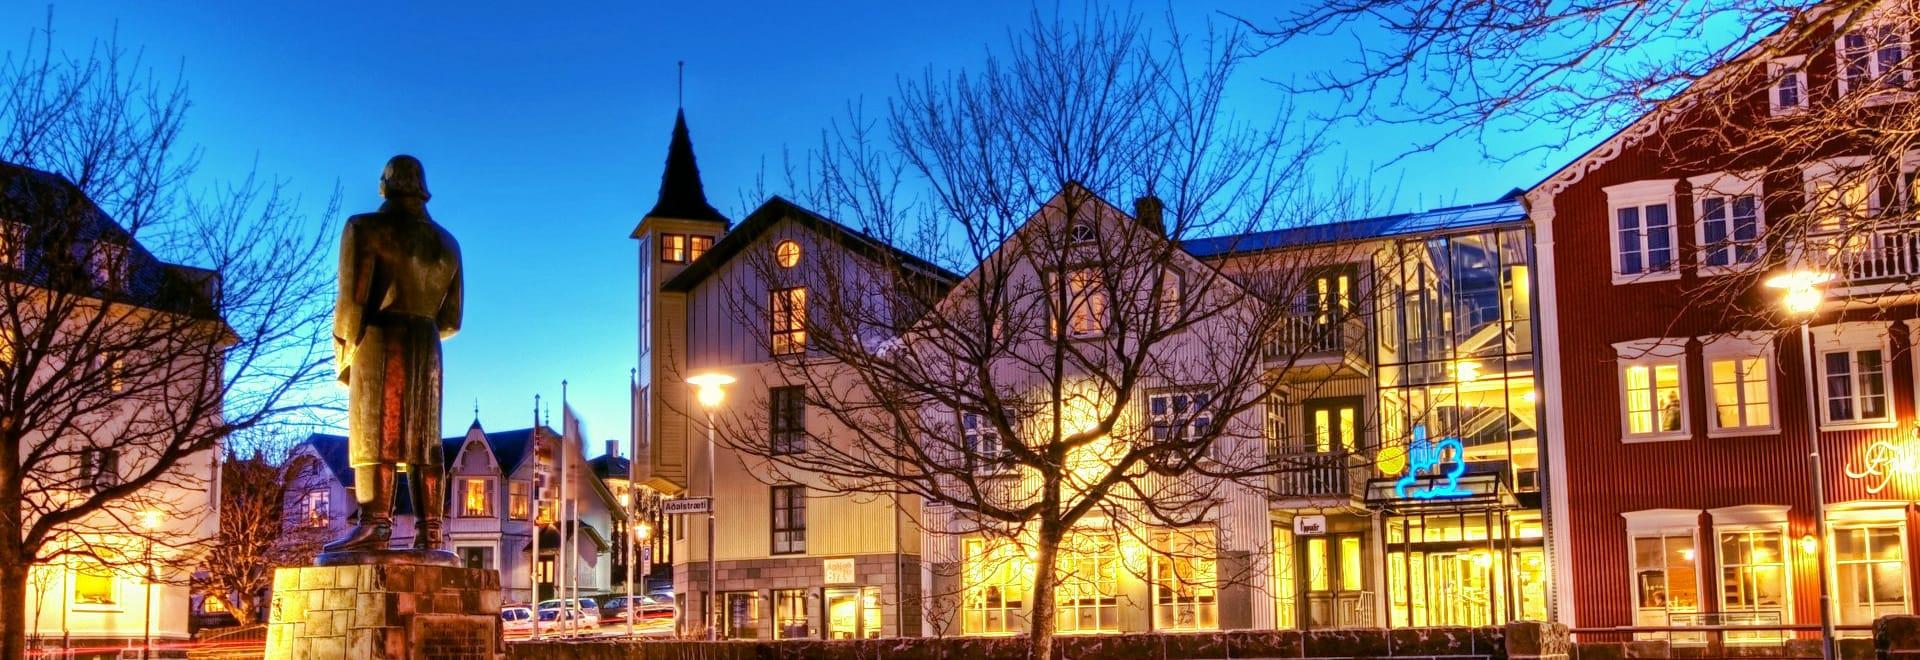 1492008150_reykjavik-wallpaper.jpg